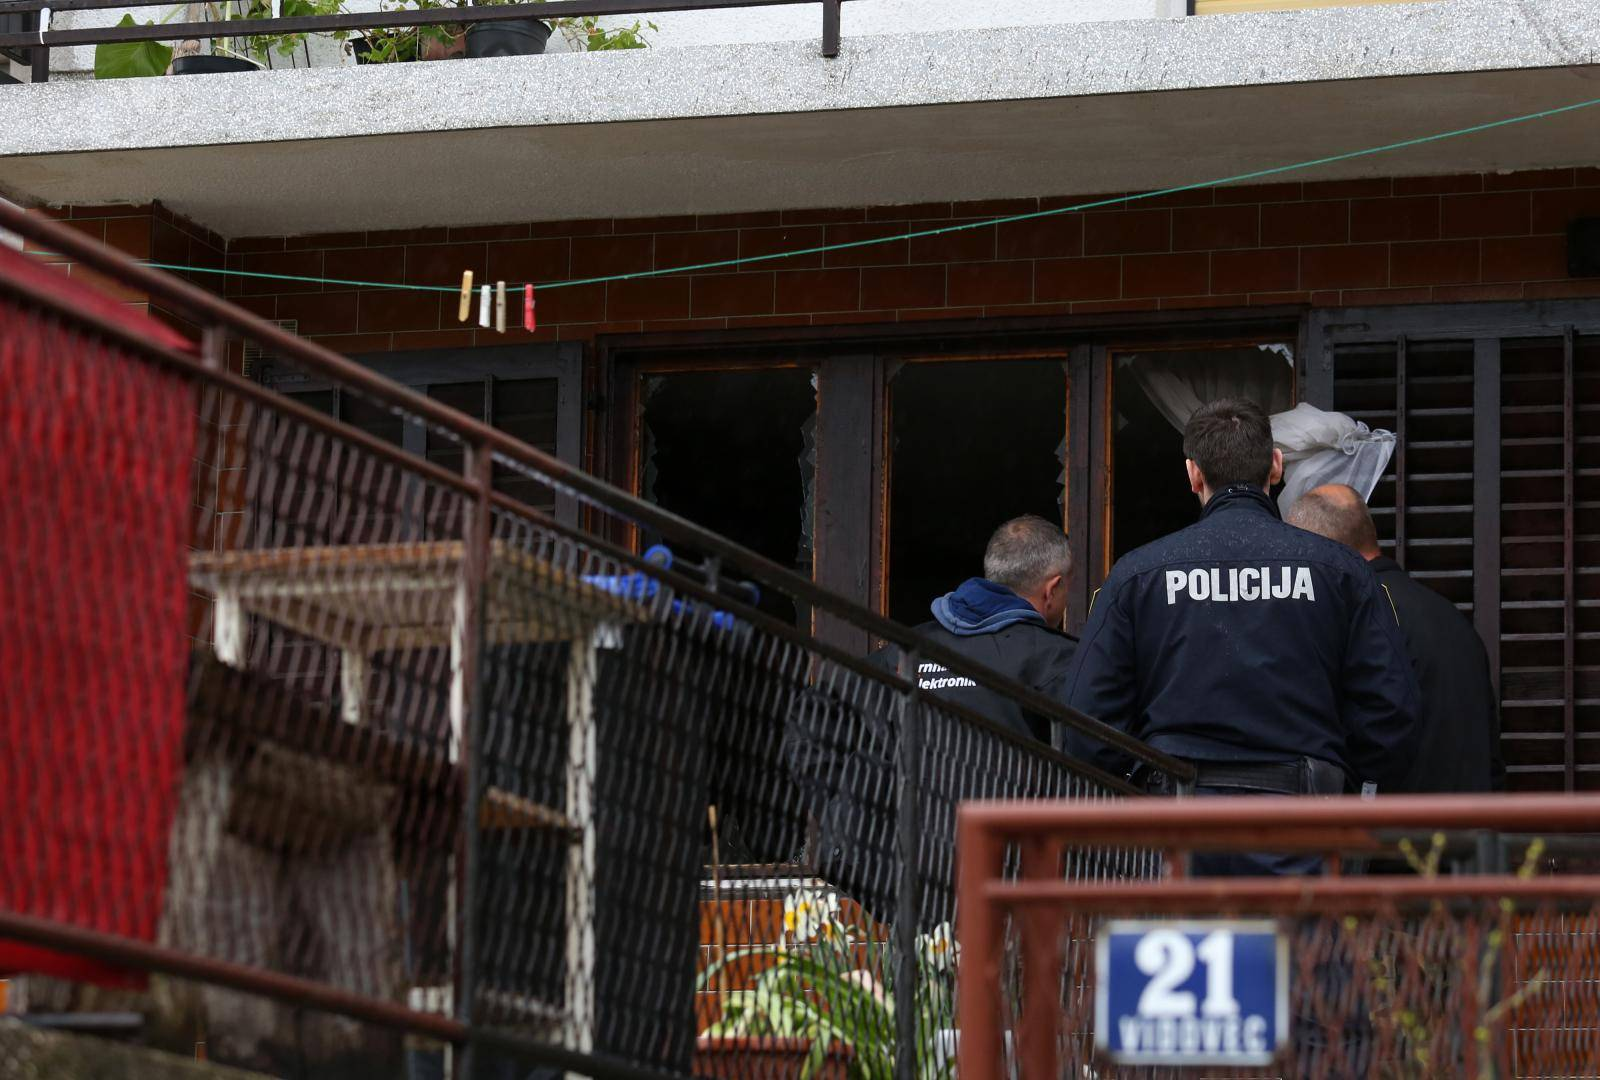 Eksplodirala peć za grijanje u podrumu kuće, dvoje ozlijeđeno